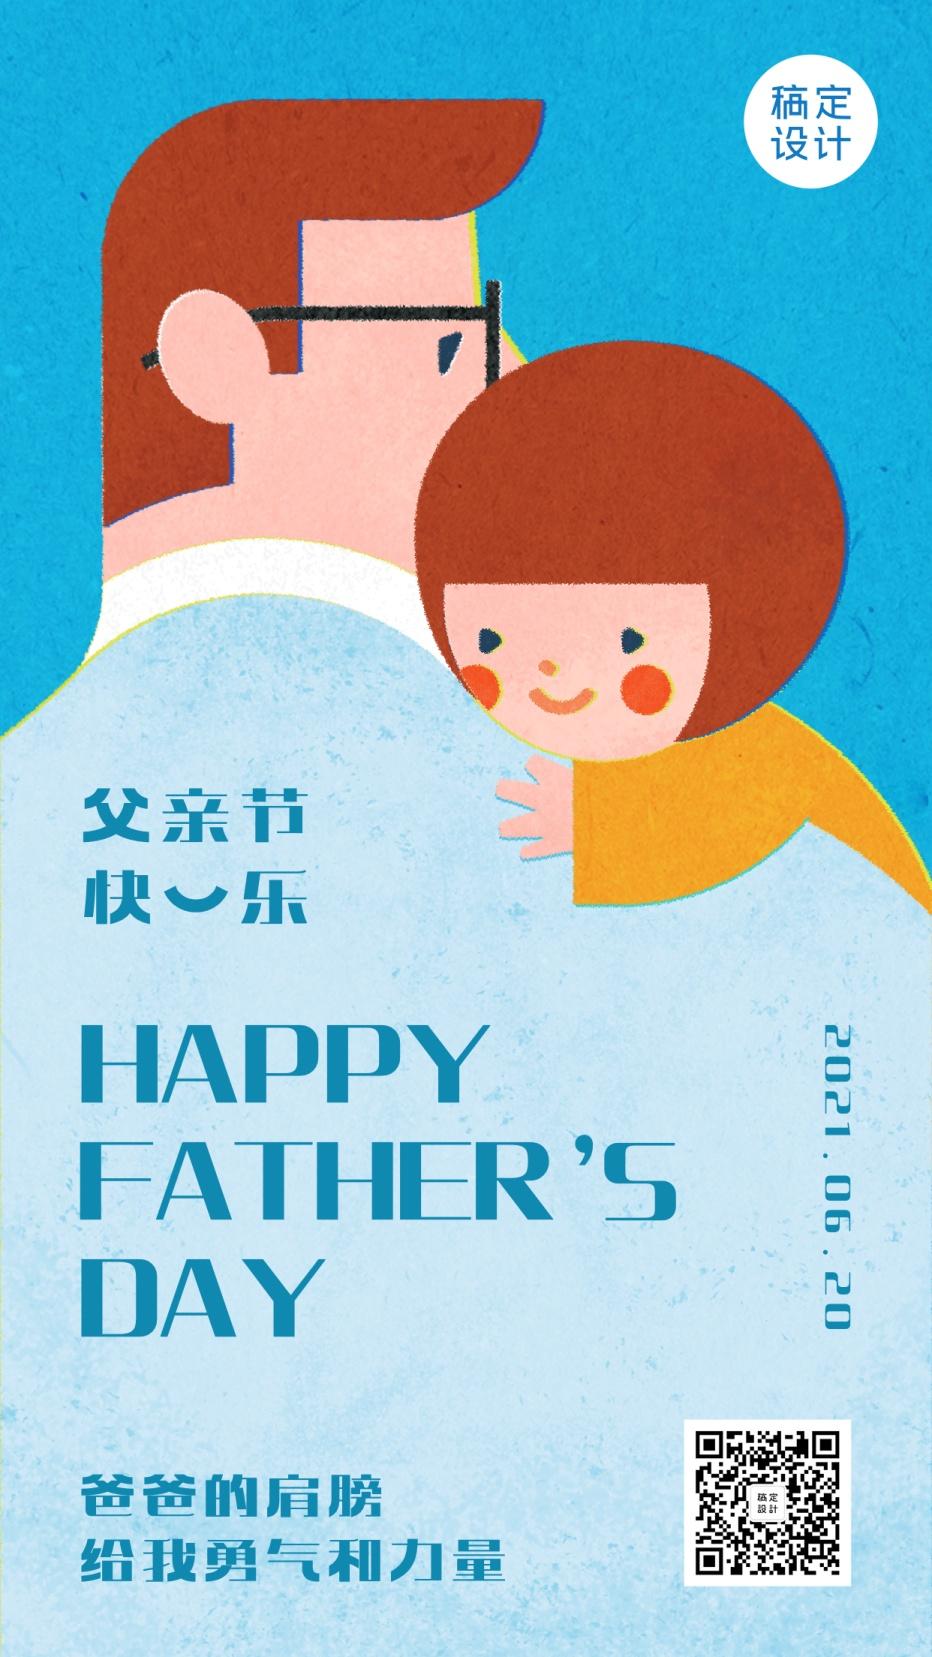 父亲节祝福亲子互动手绘手机海报